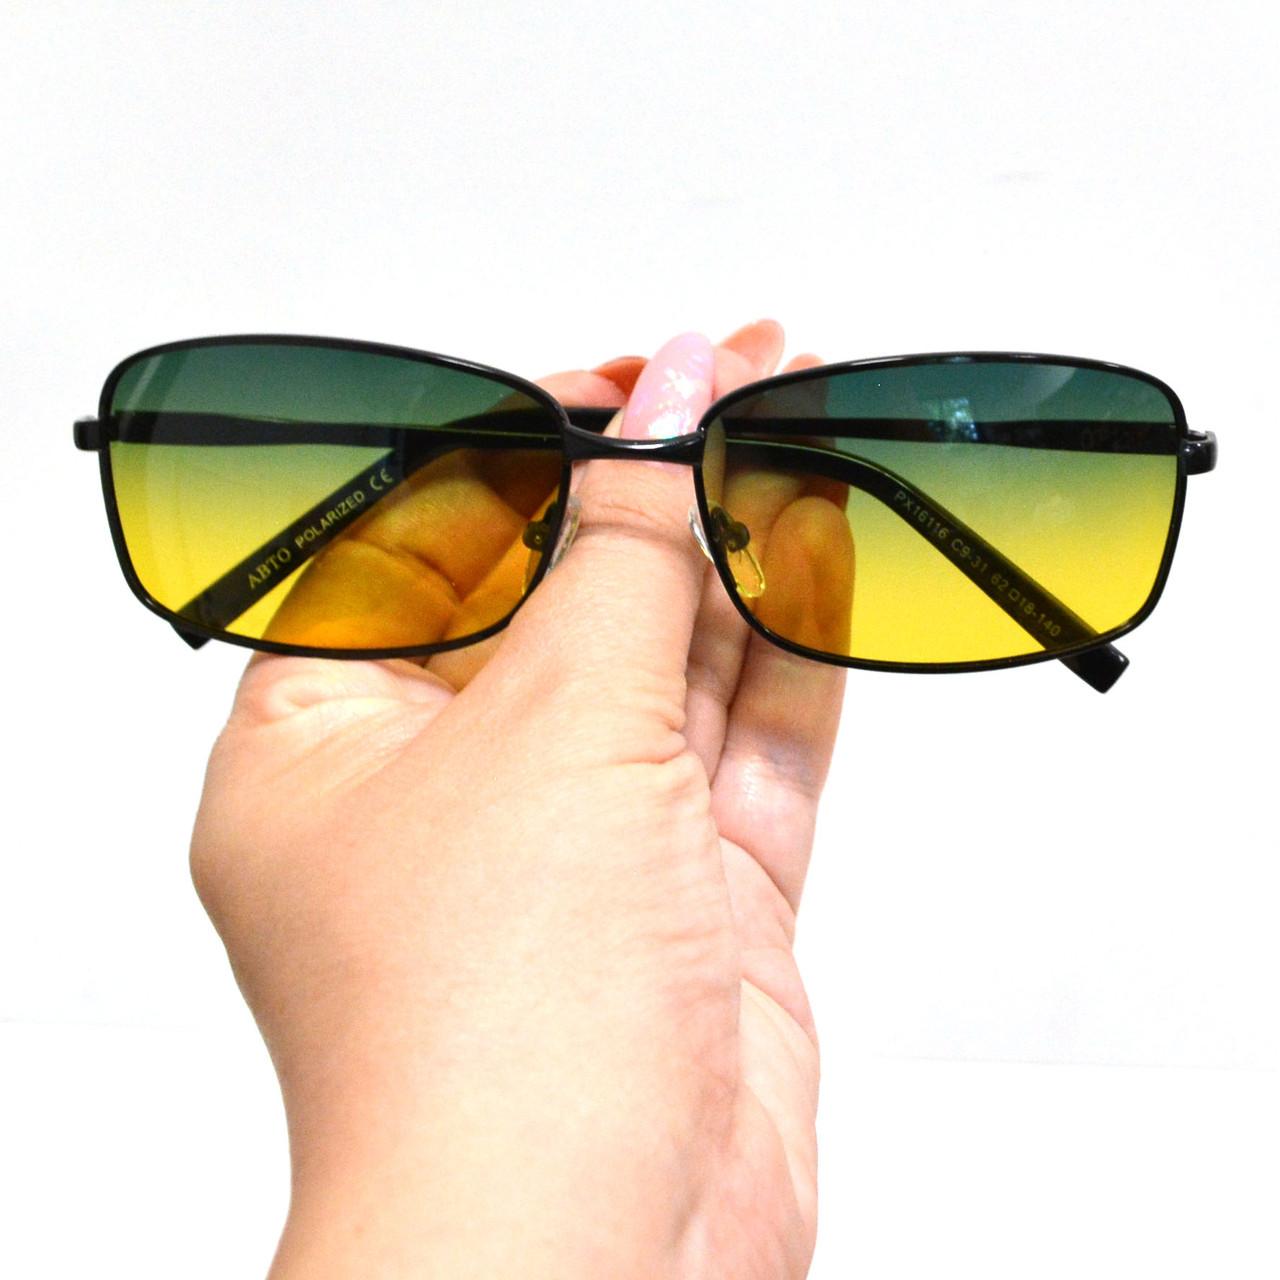 Солнцезащитные поляризационные очки ПОЛАРОИД UV400 тонкая оправа желто зеленые стекла АВТО PX16116 - фото 10